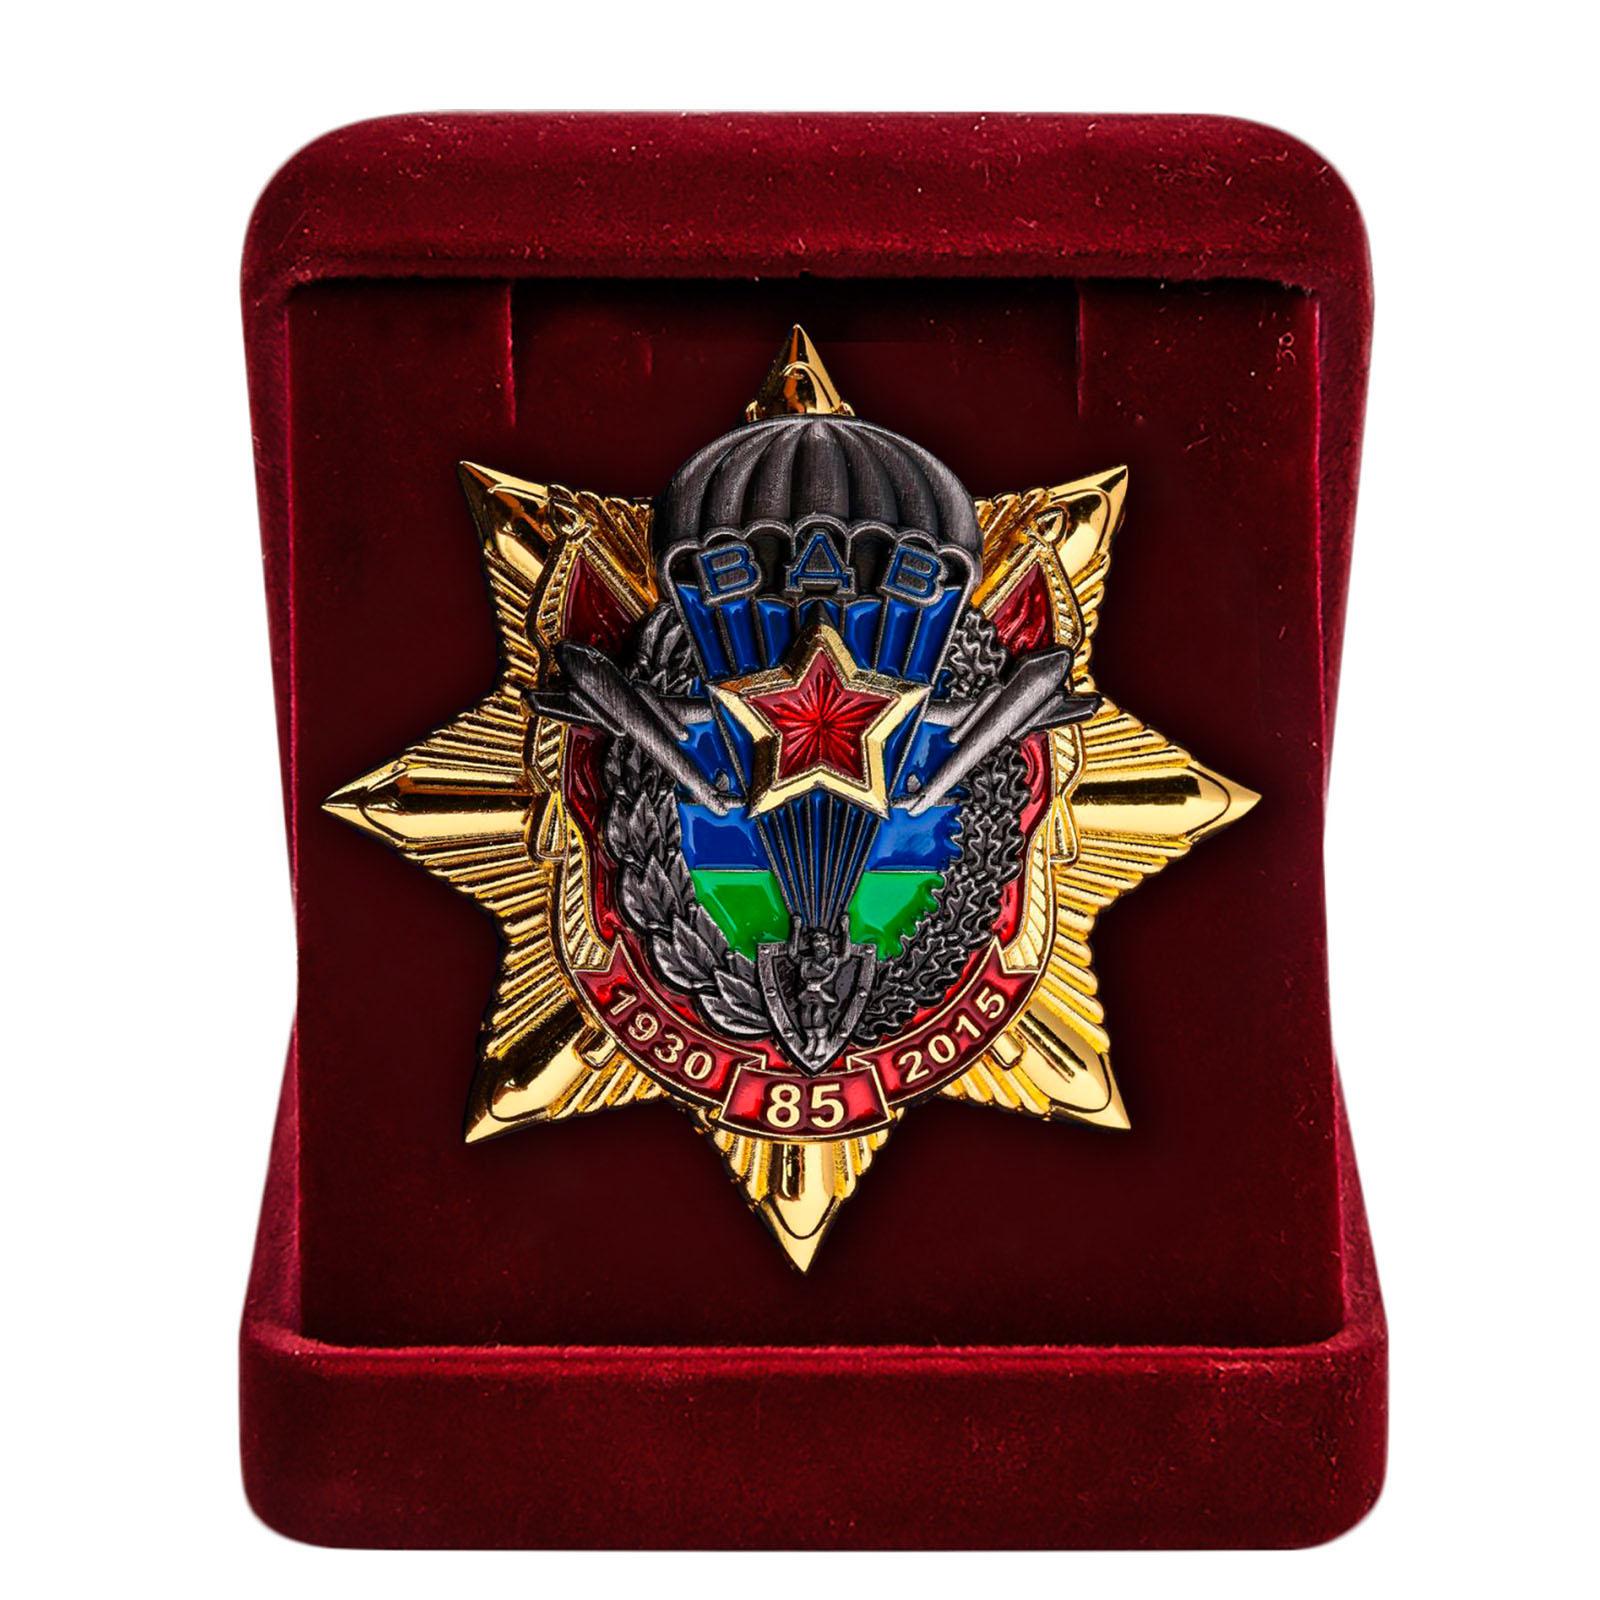 Купить памятный орден Звезда ВДВ по экономичной цене